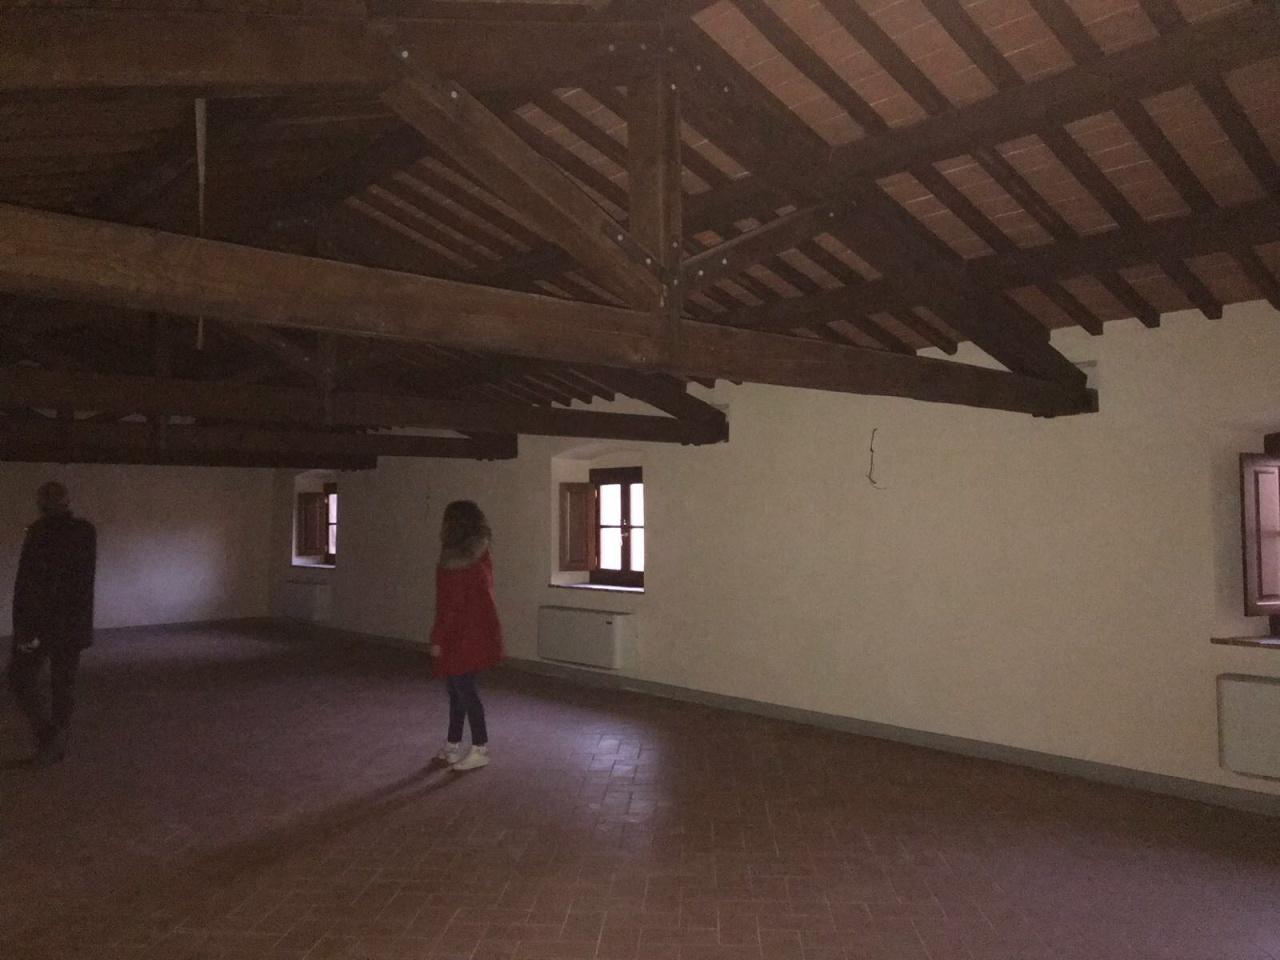 Ufficio monolocale in affitto a Montale (PT)